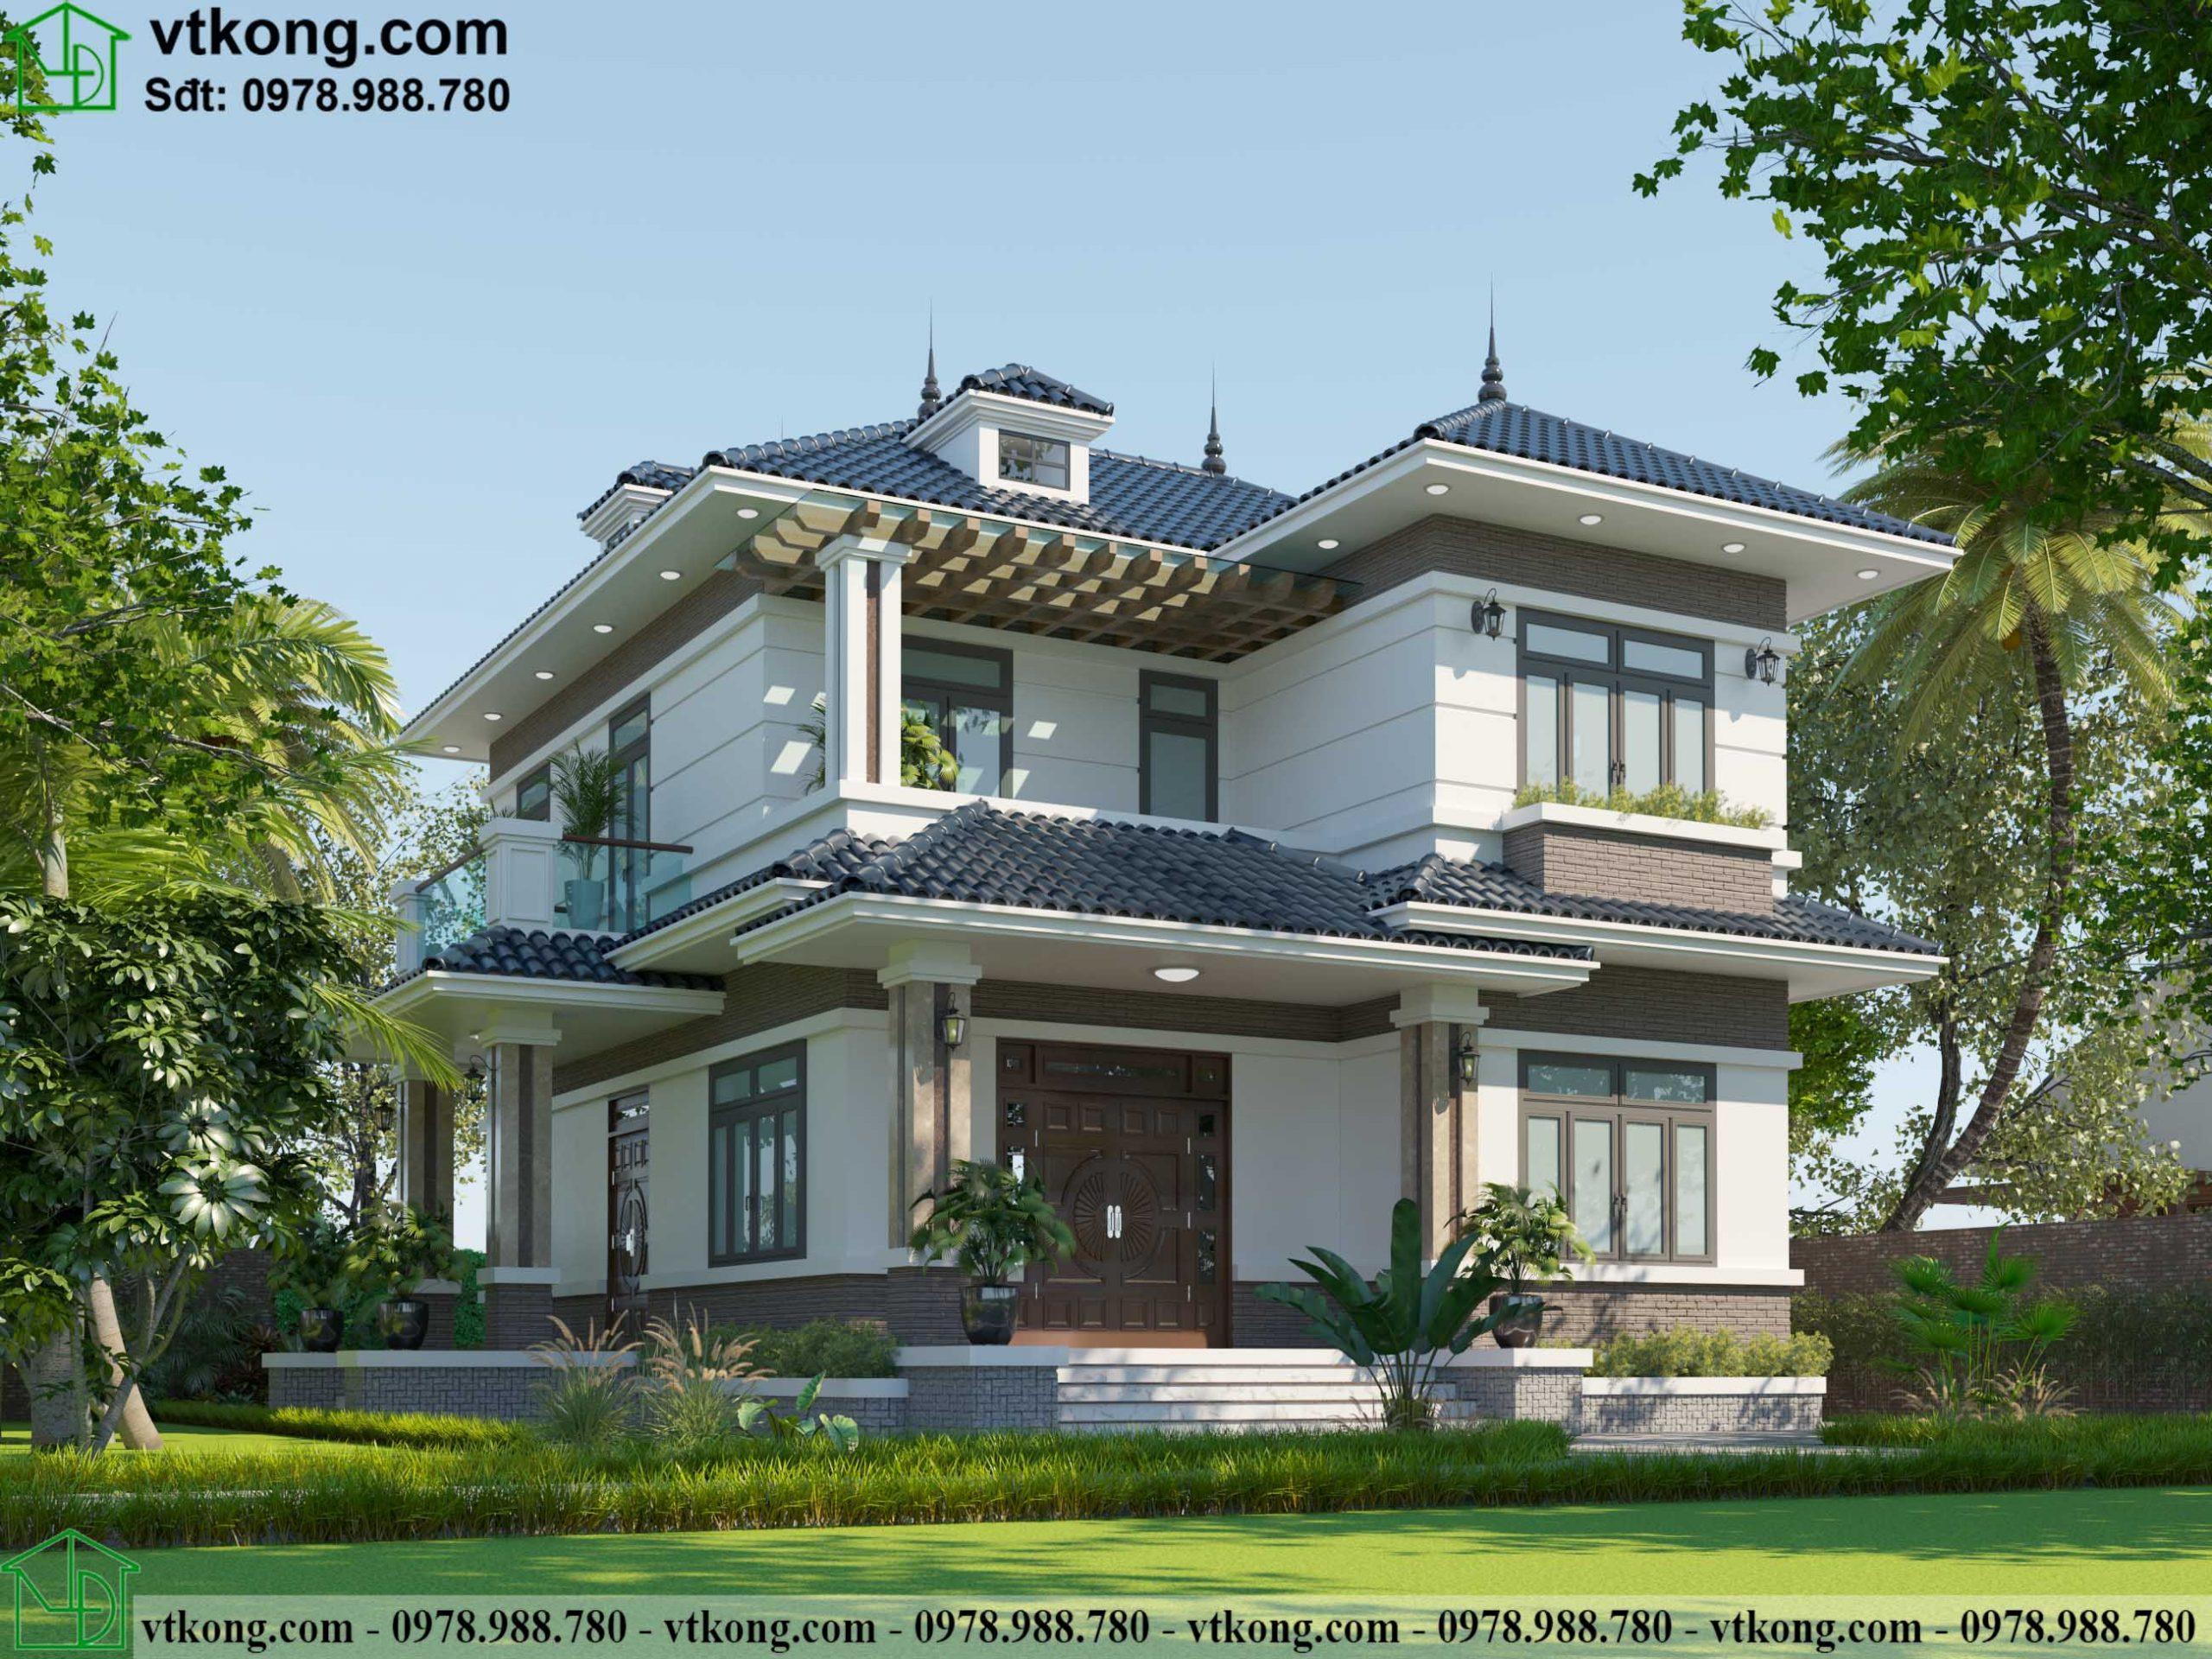 Mẫu thiết kế biệt thự 2 tầng 11x14m mái Nhật có sân vườn BT2T64 1